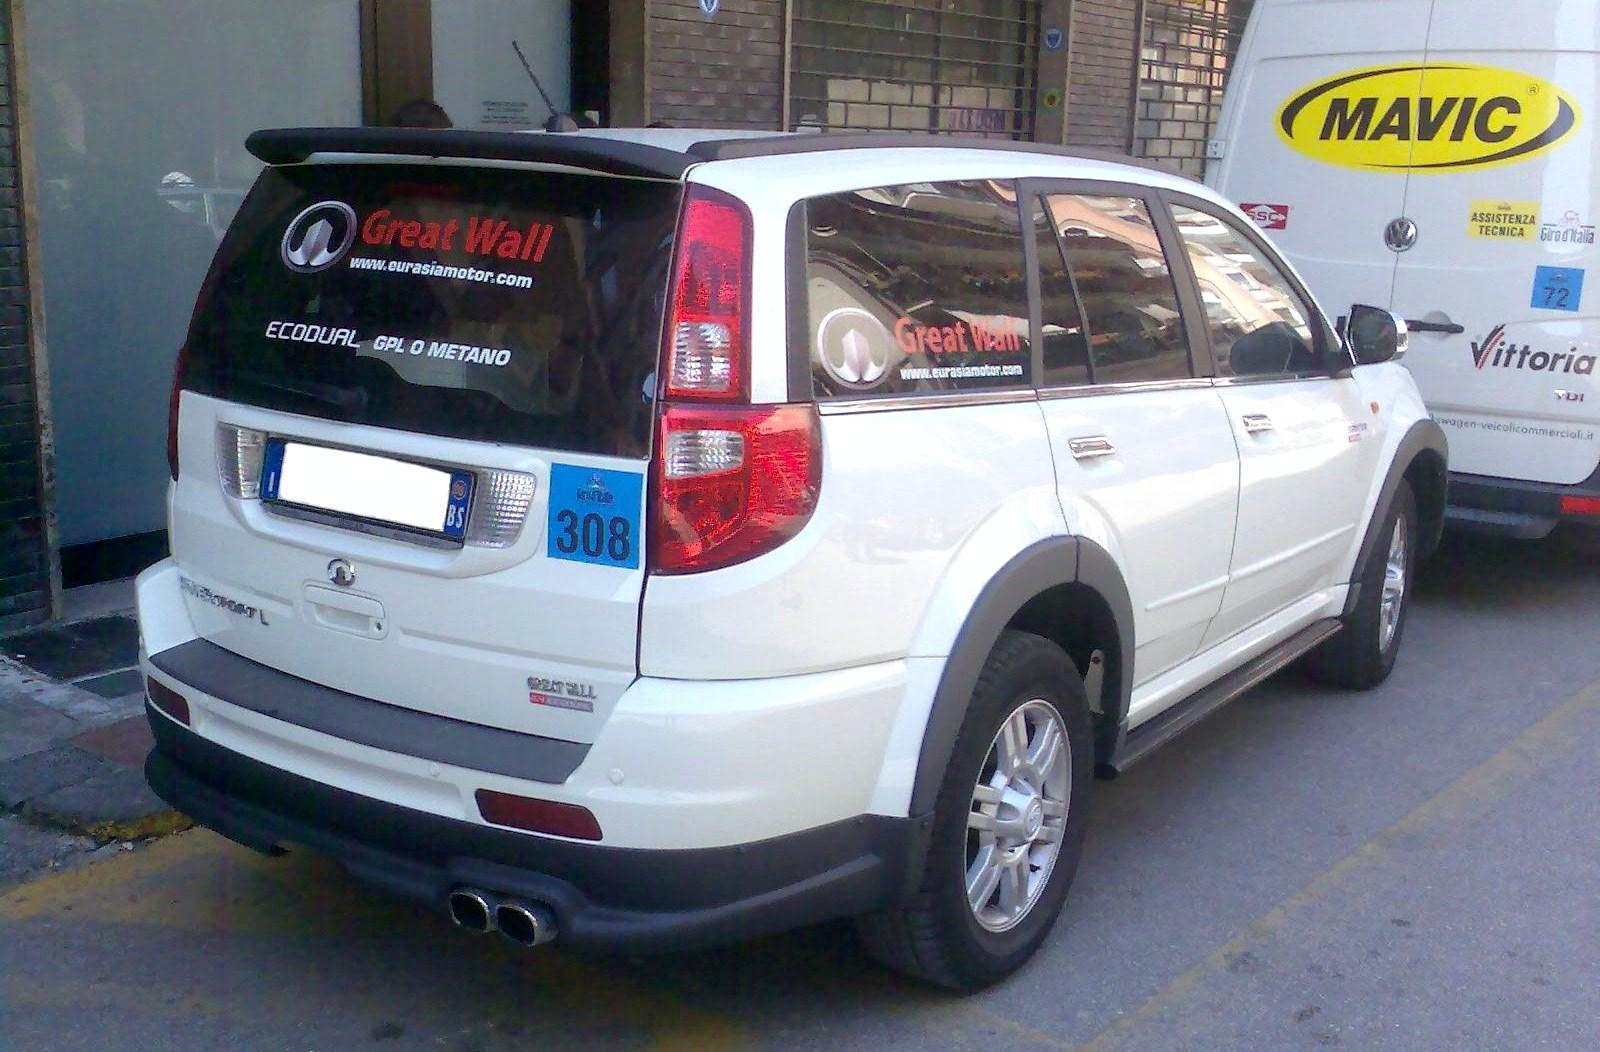 Great Wall Hover M1 (Peri 4x4) 2009 - 2010 SUV 5 door #8